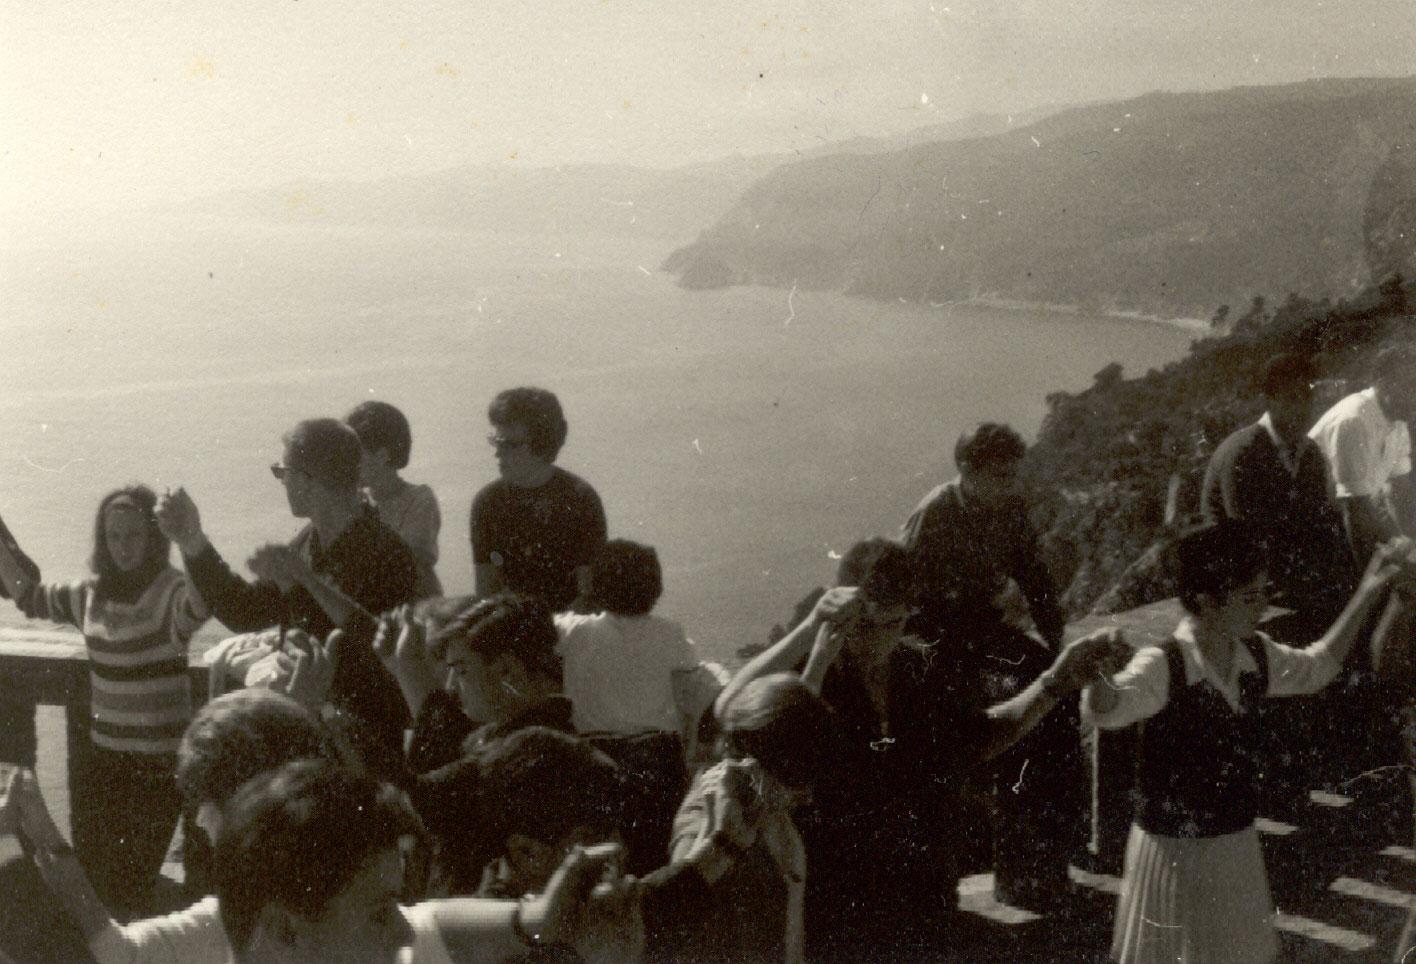 Ballada de sardanes al paratge de Sant Elm amb motiu de l'aplec del 12 d'octubre a finals dels anys 60 AMSFG. Fons Enric Figueras (Autor: Enric Figueras)